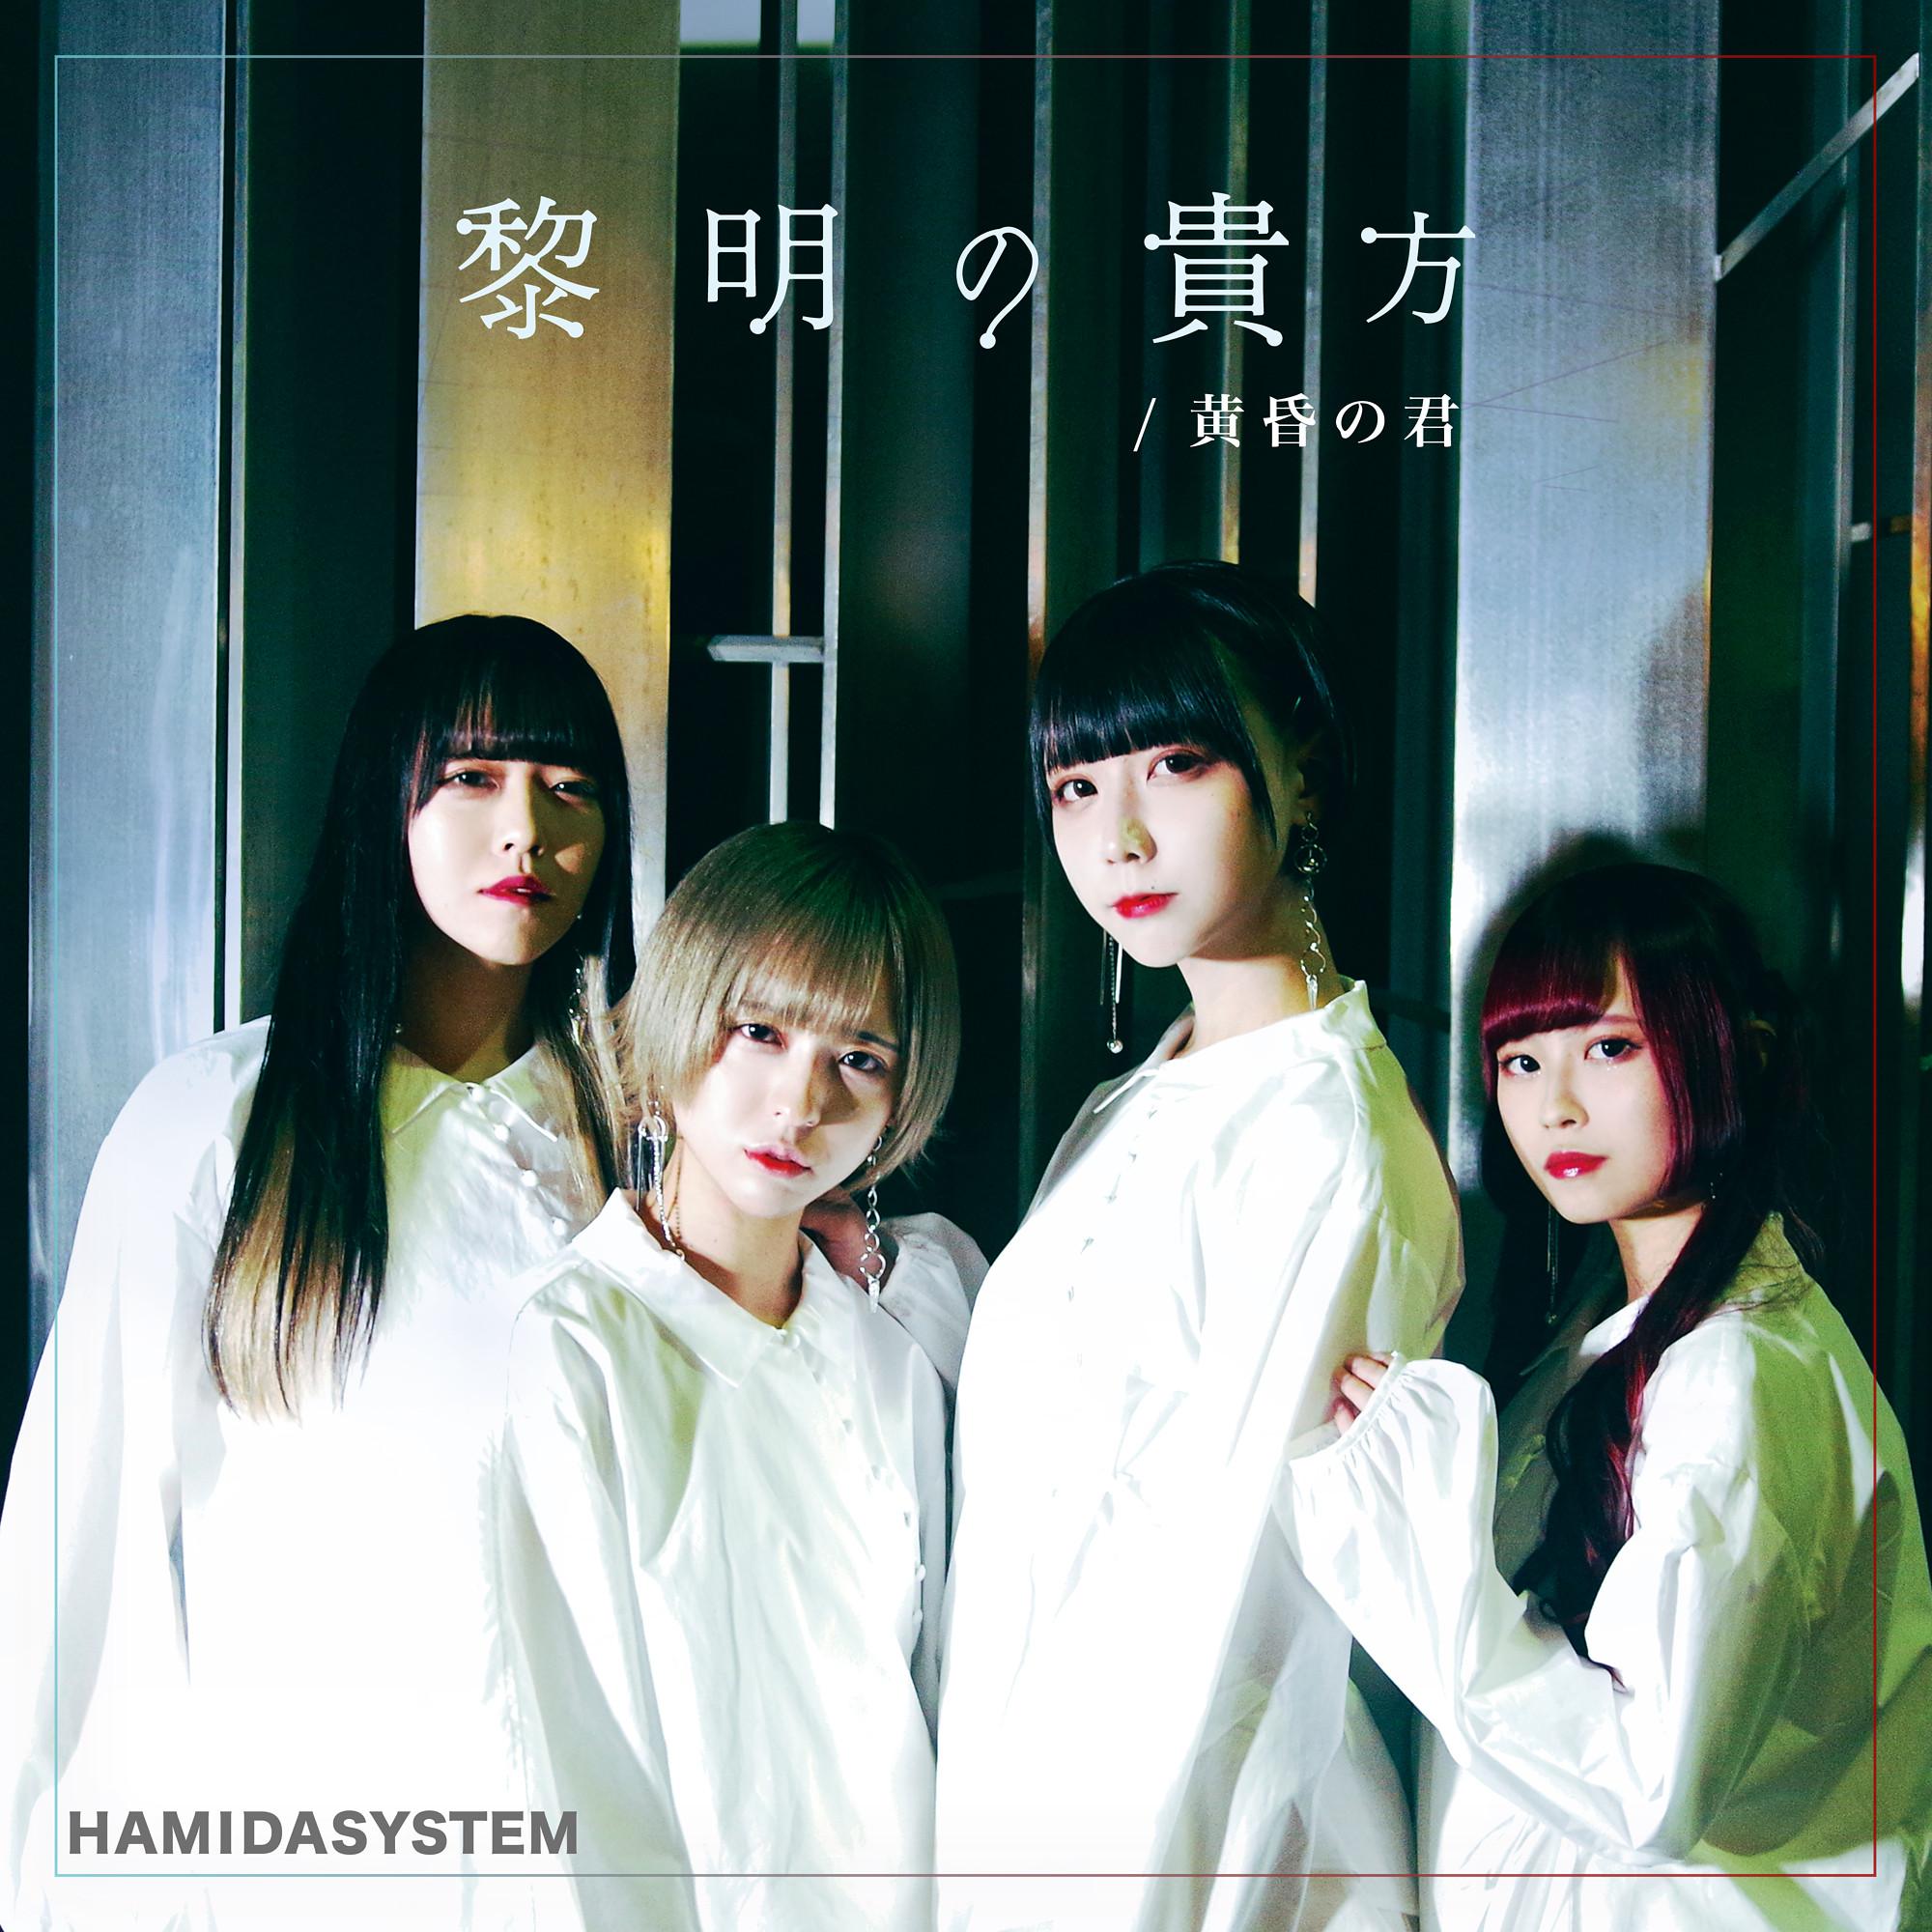 HAMIDASYSTEM 2周年記念ワンマンライブ「黎明の貴方」